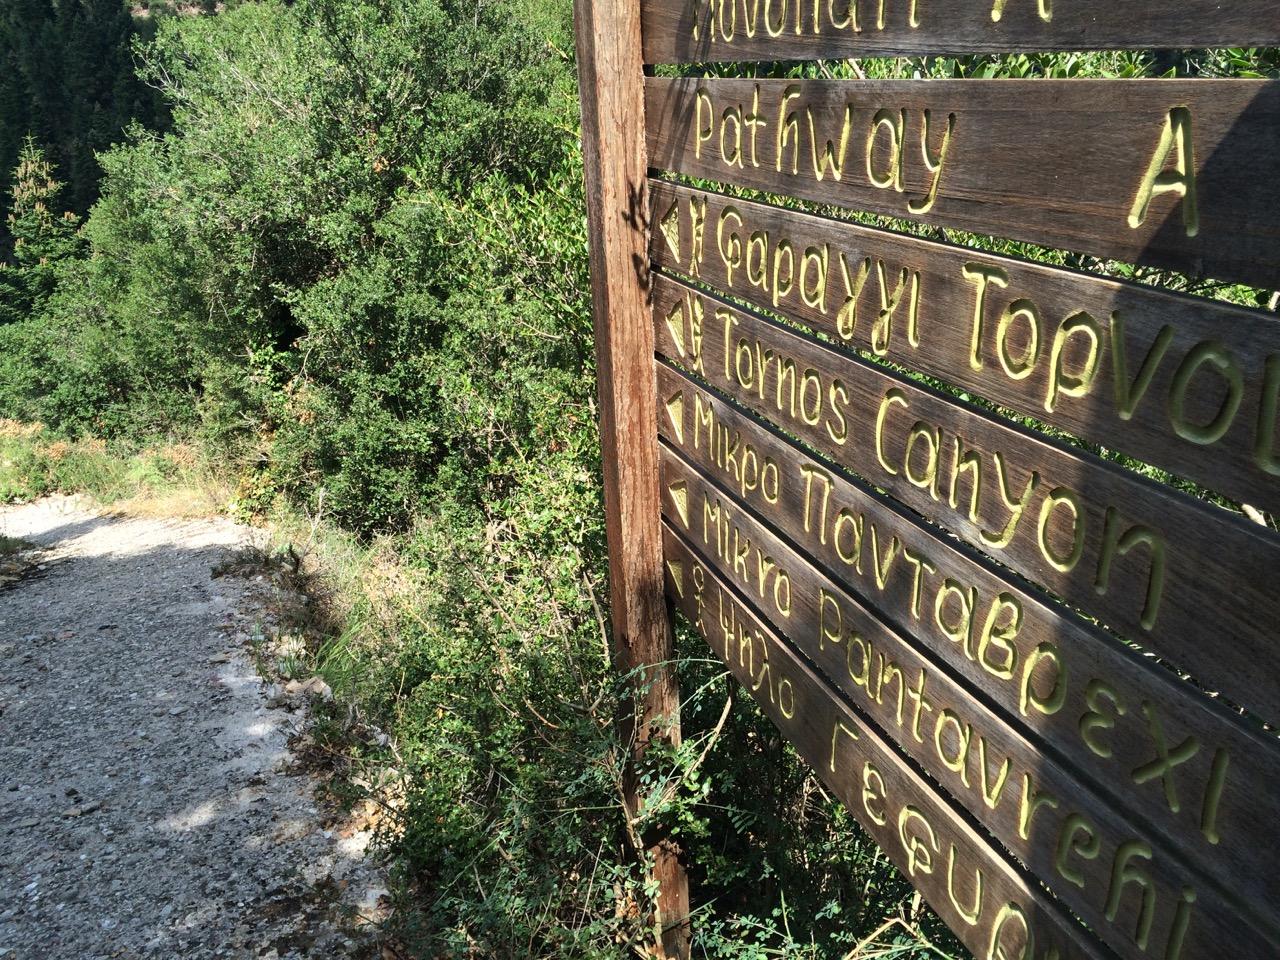 Σε όλα τα χωριά γύρω από το Καρπενήσι υπάρχουν καλαίσθητες και χρήσιμες πινακίδες, τοποθετημένες στα κατάλληλα σημεία.